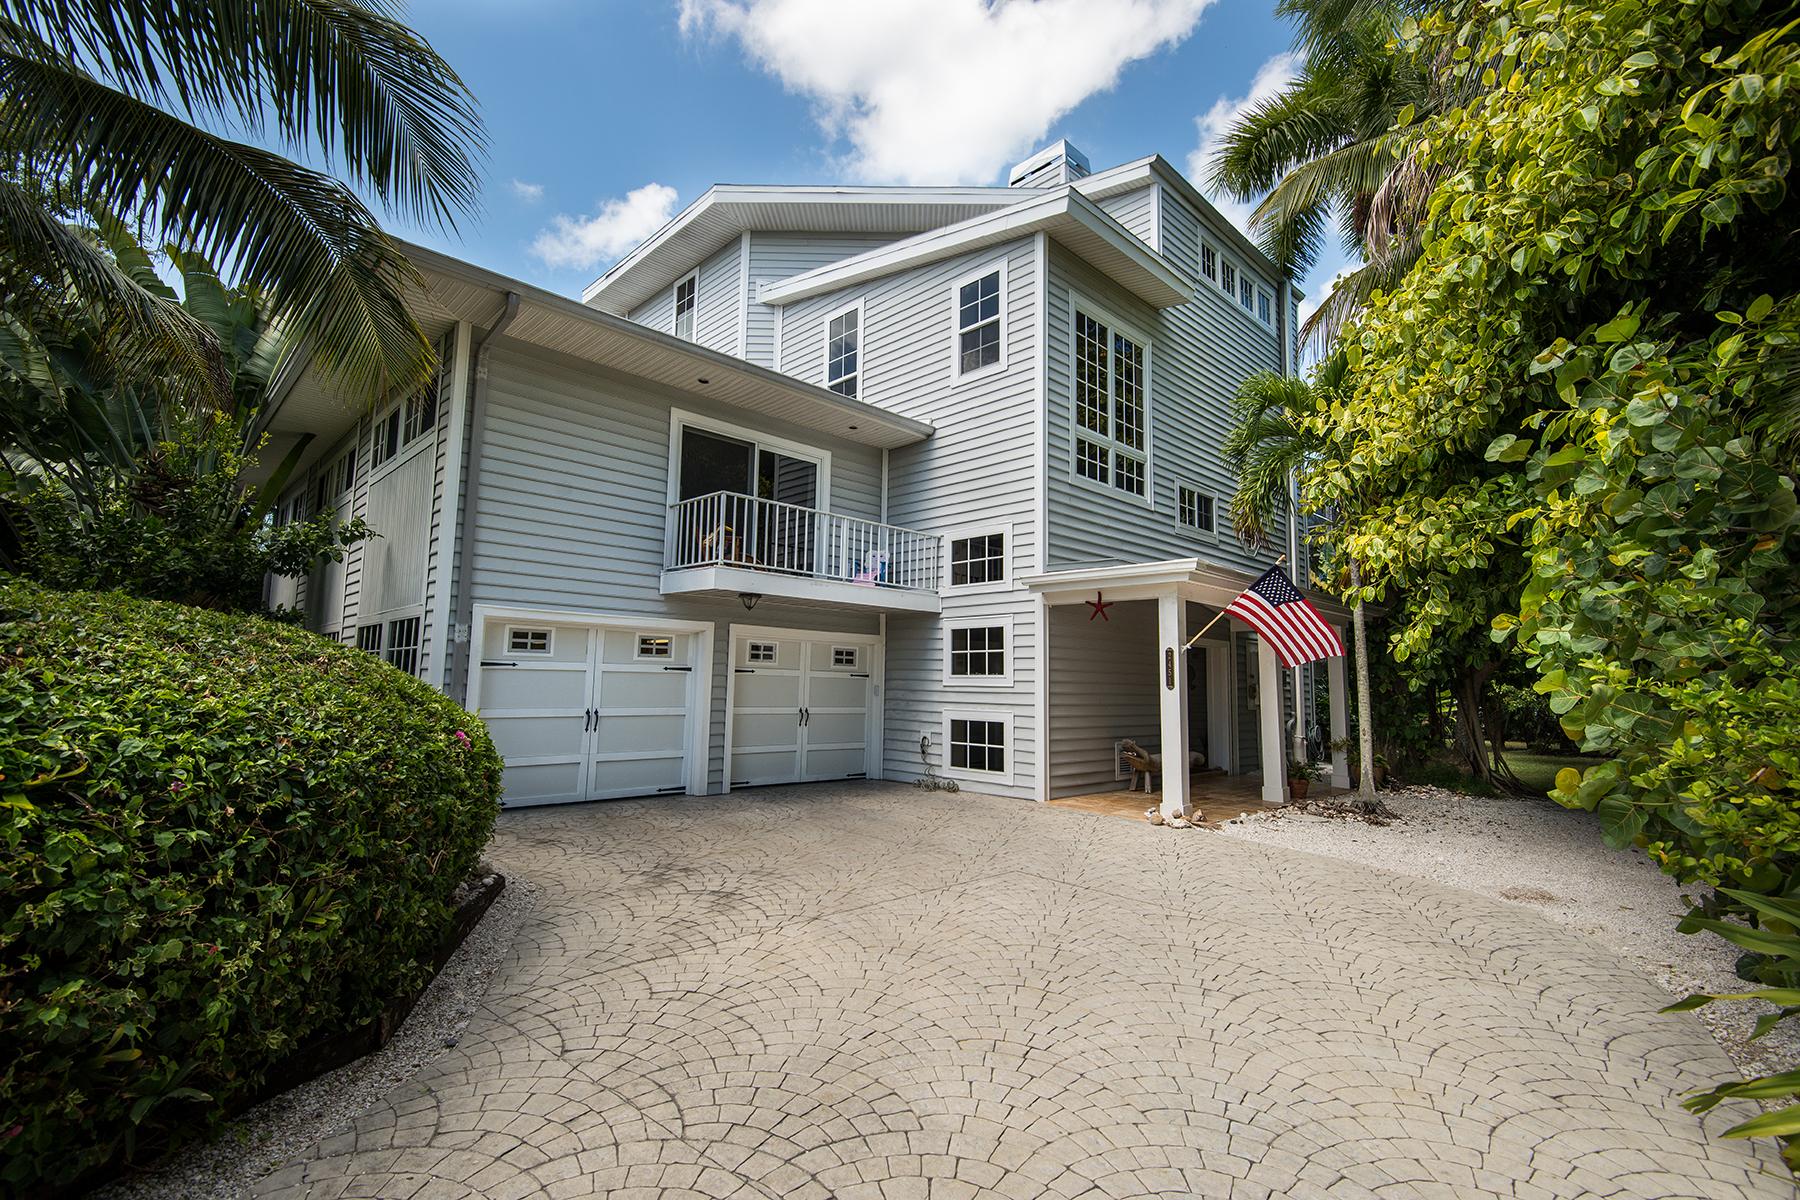 Maison unifamiliale pour l Vente à Sanibel 2451 Blind Pass Ct, Sanibel, Florida 33957 États-Unis